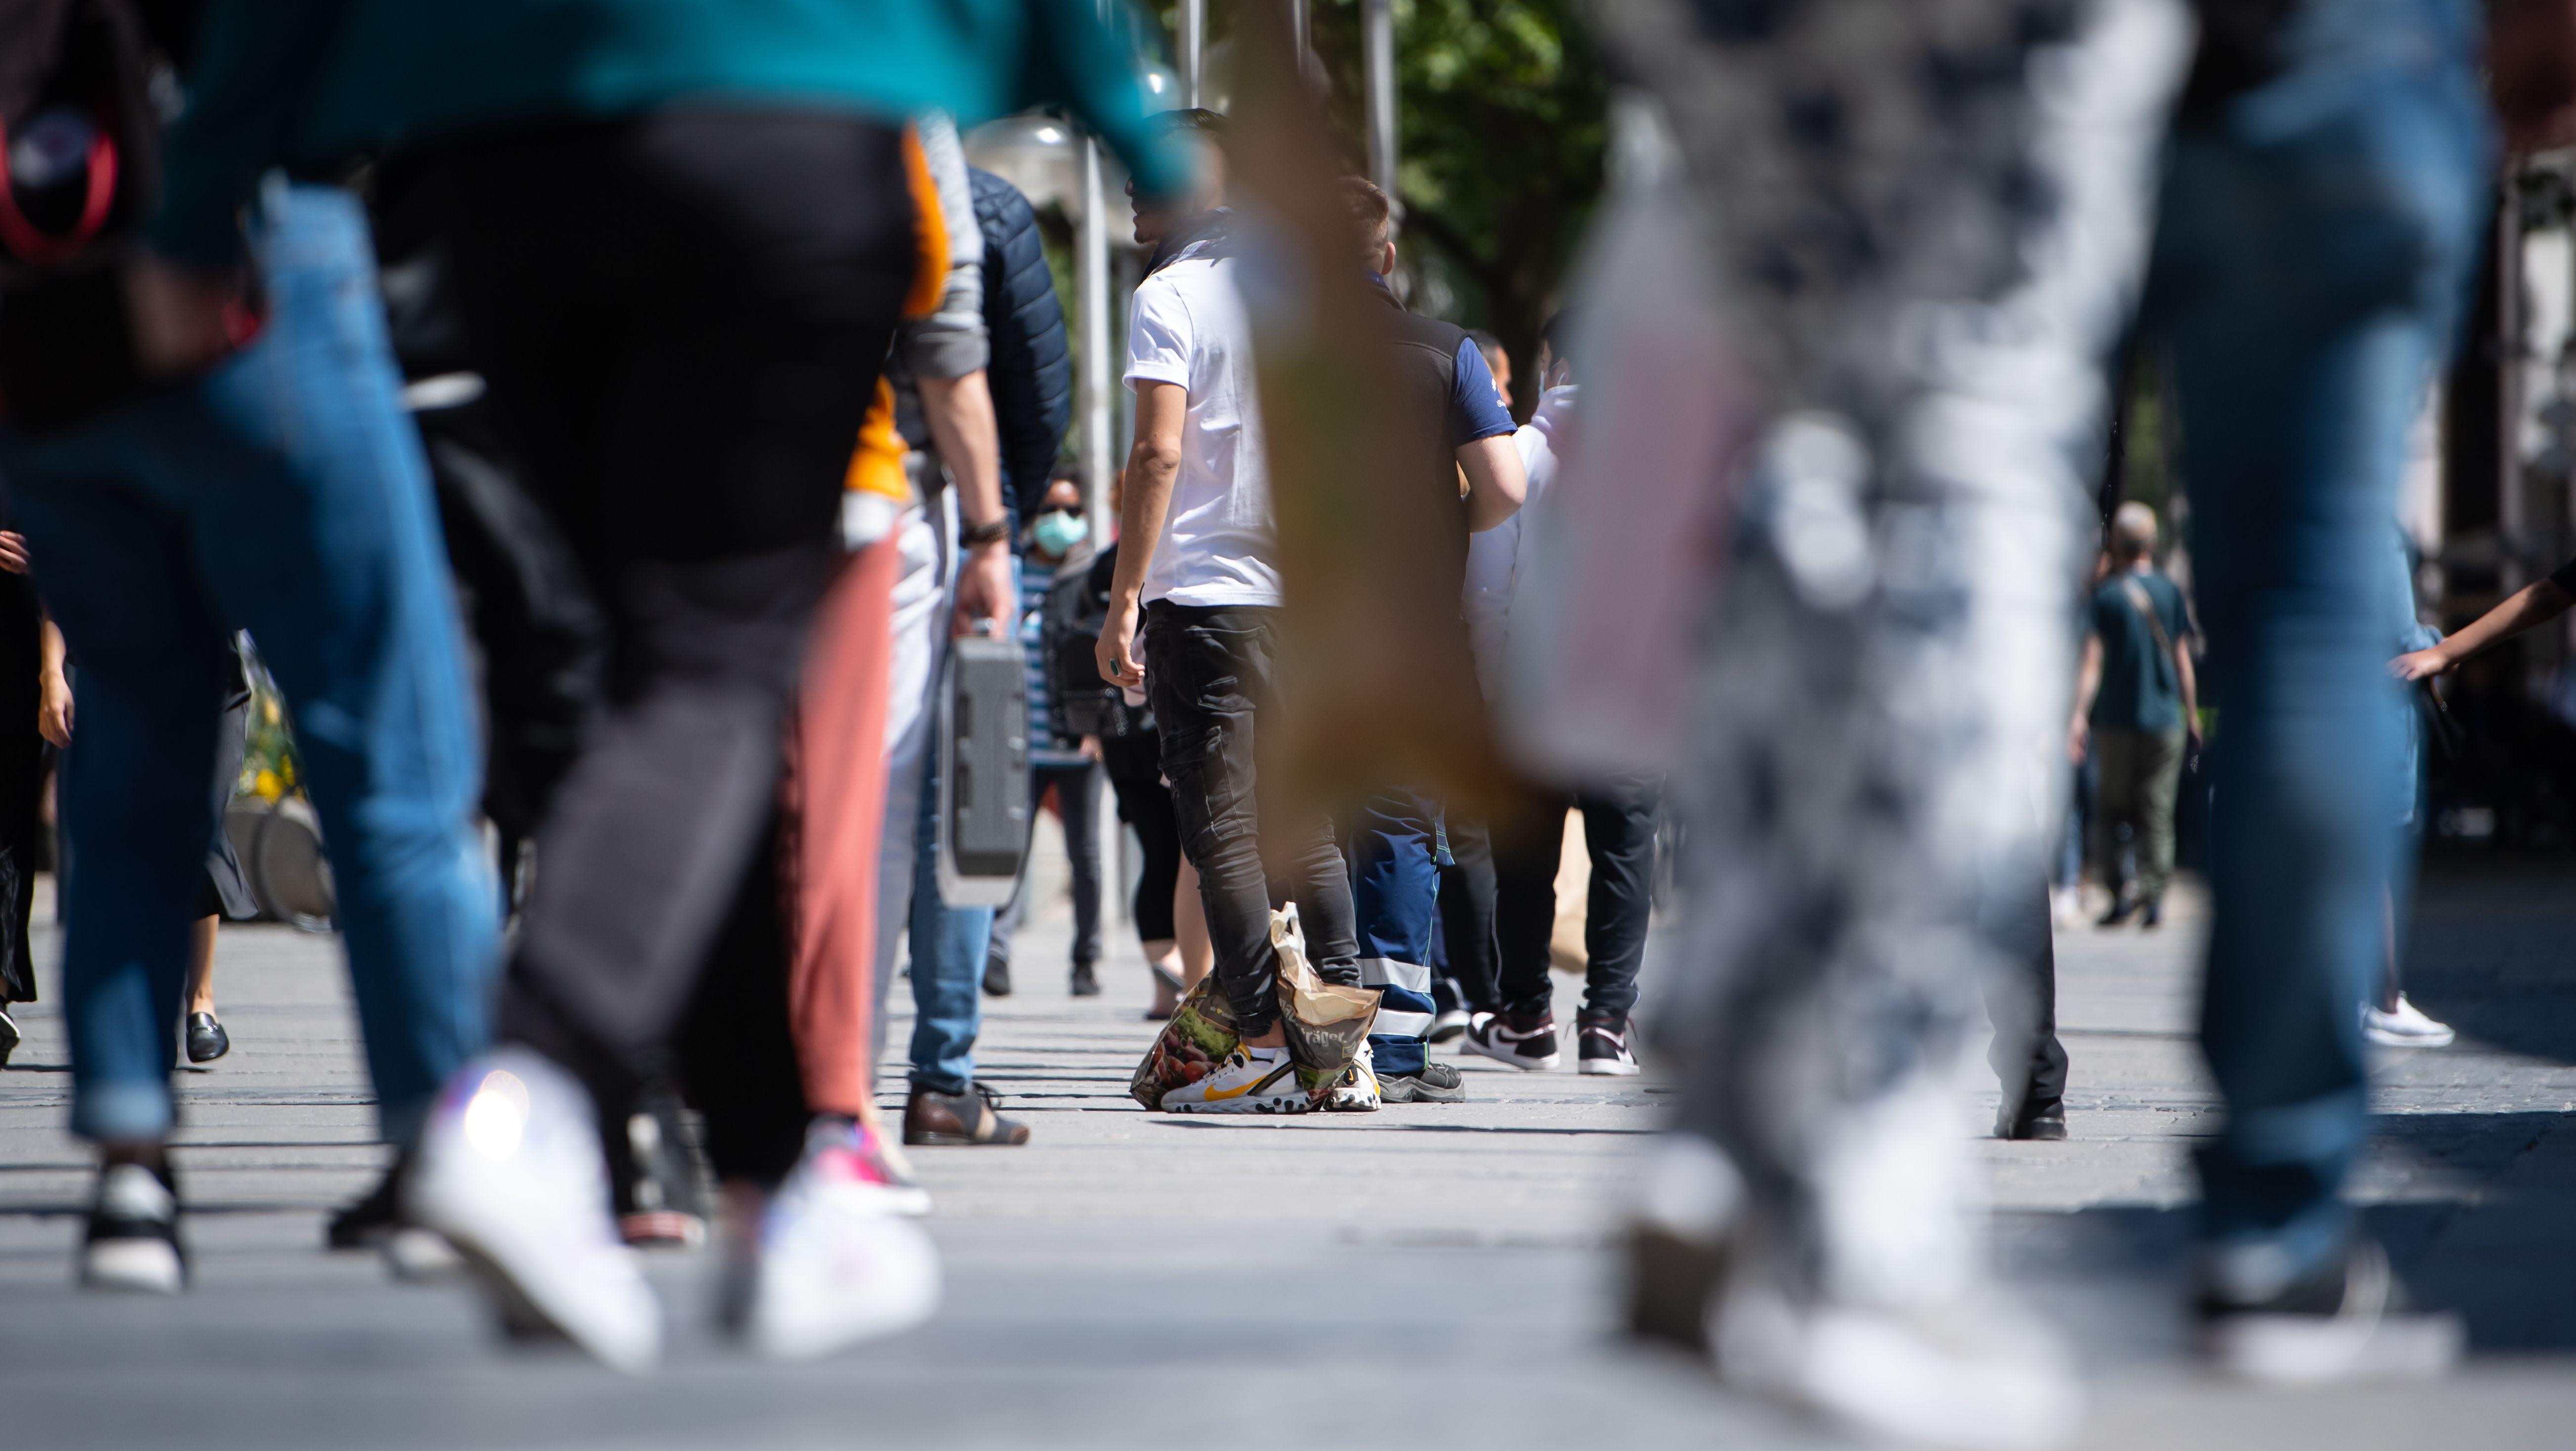 Shopping in der Münchner Fußgängerzone: Passanten mit Tüten (Symbolbild)